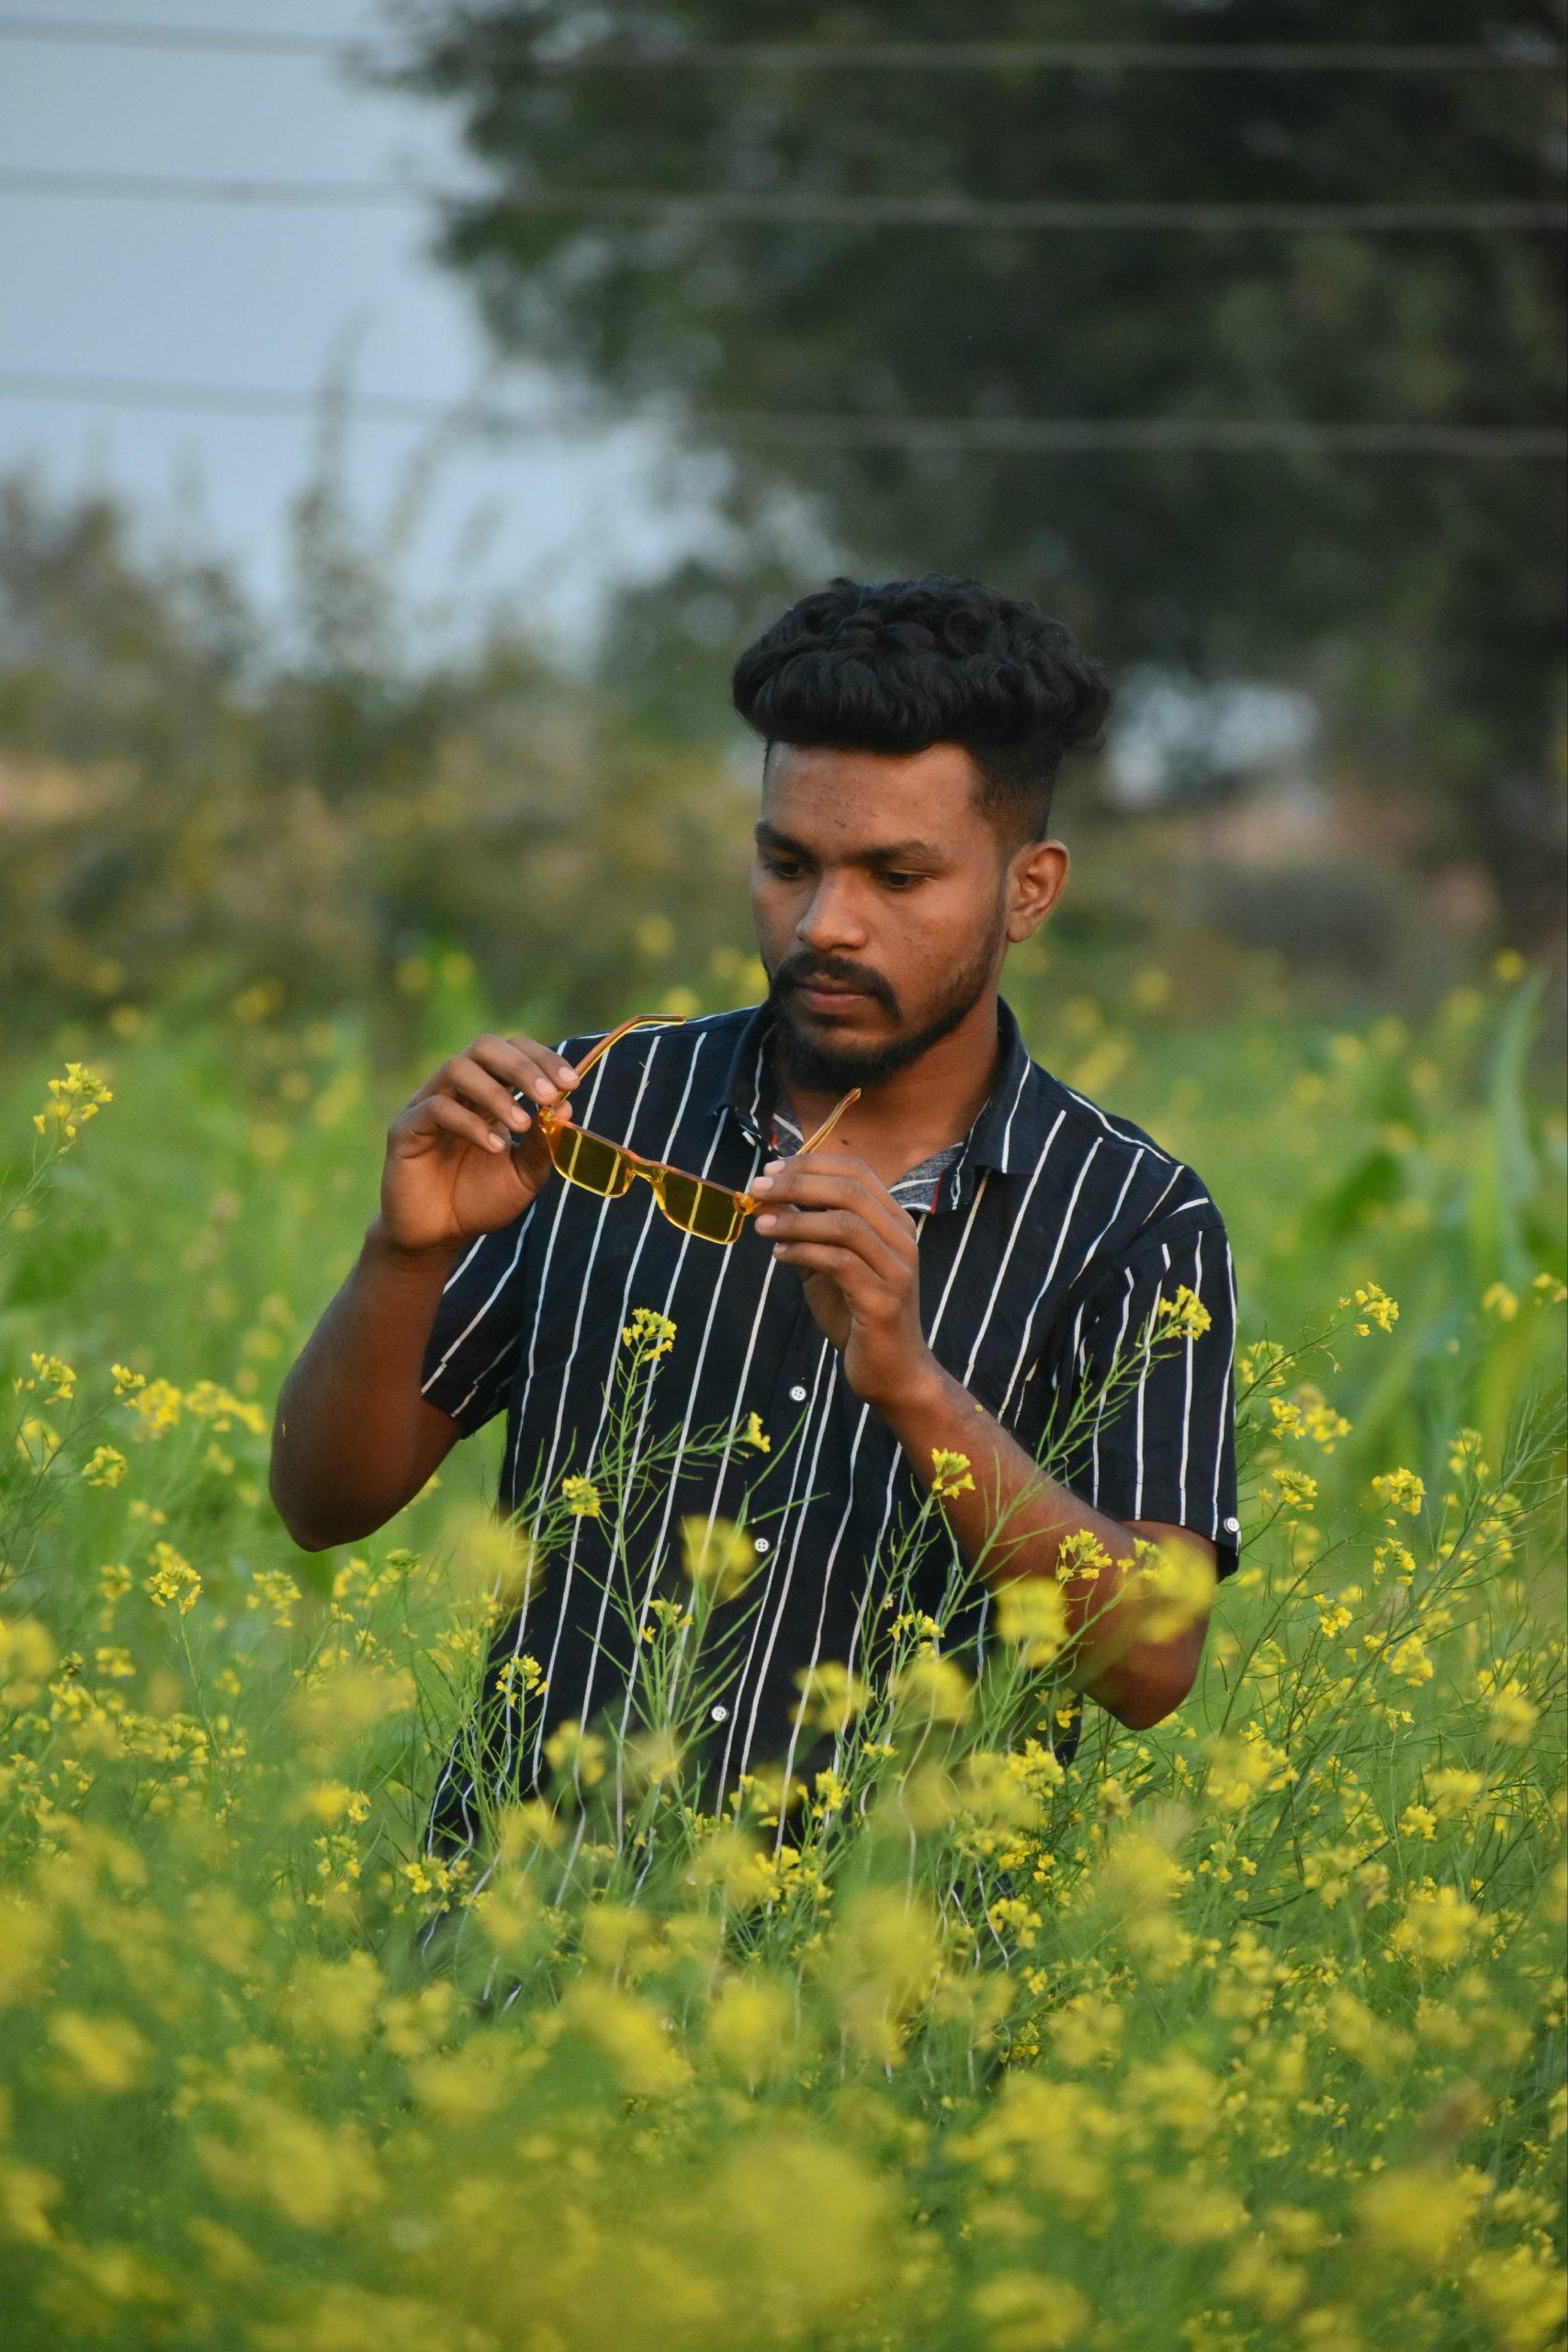 A boy in mustard plant field